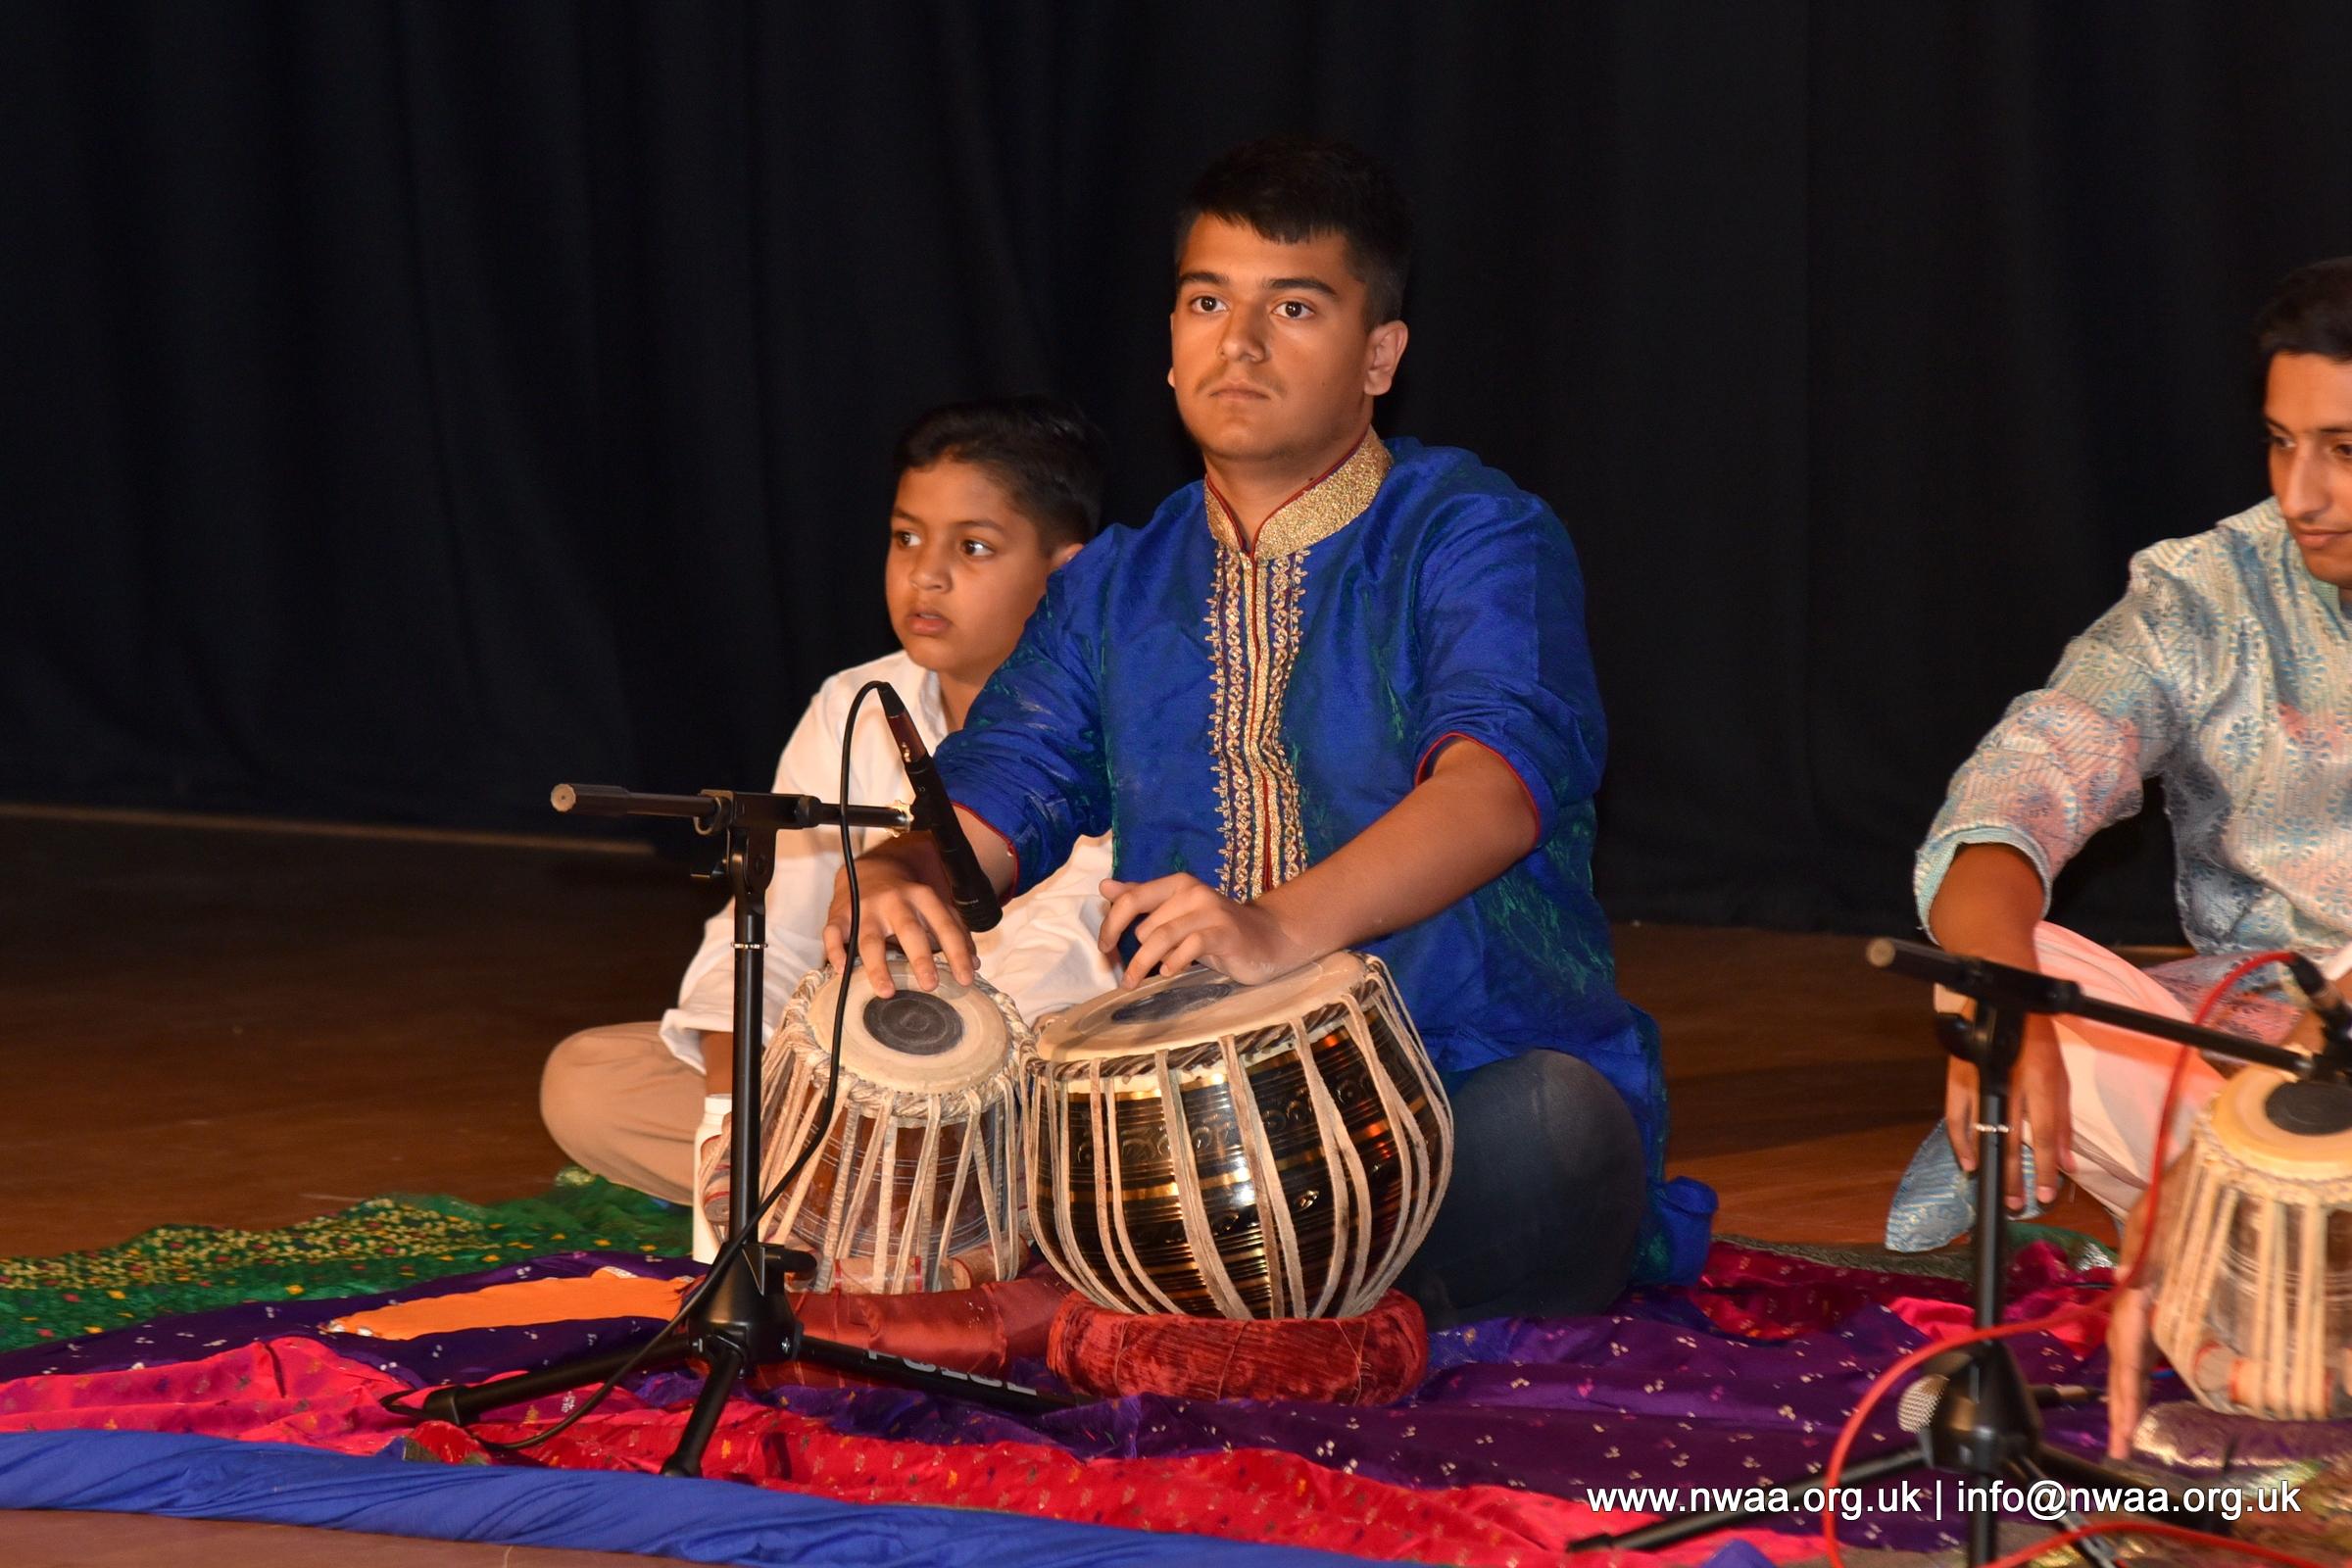 Rhythm of India 2018 - Tabla